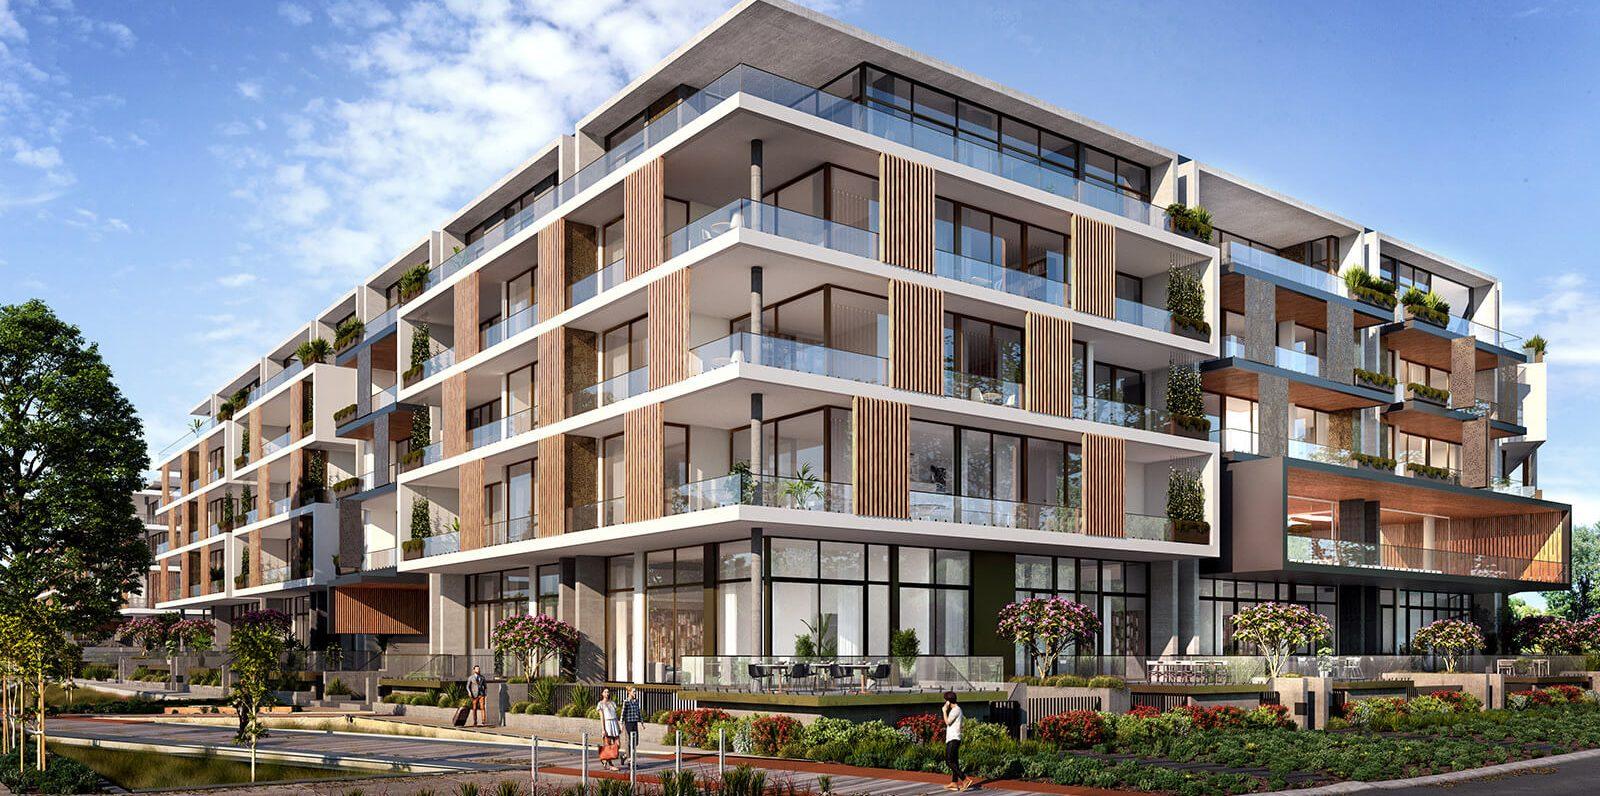 Eden Apartments West – BGC Construction